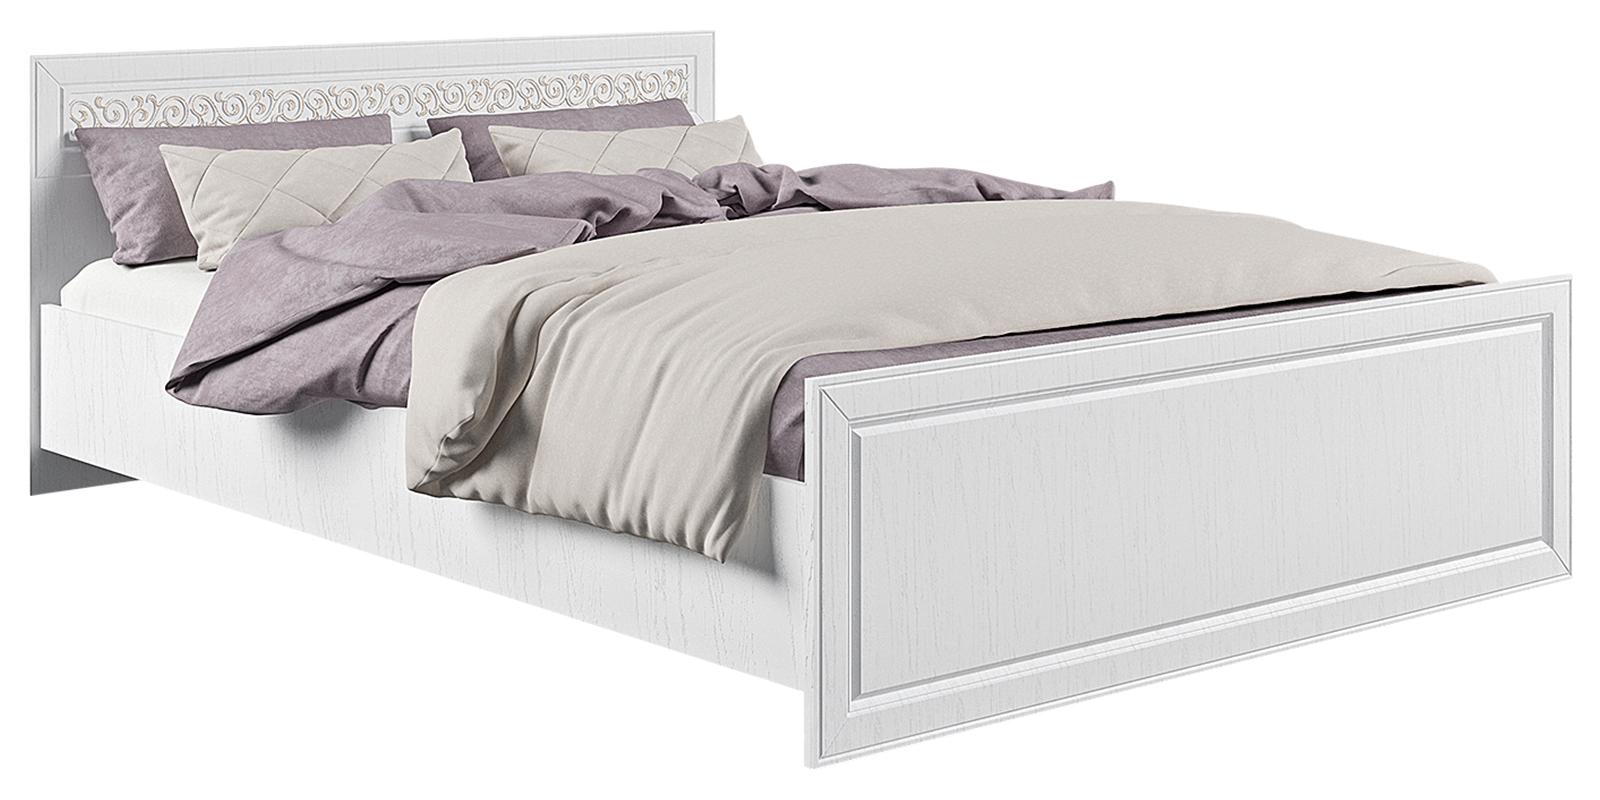 Кровать каркасная 200х140 Диамант без подъемного механизма (белый)